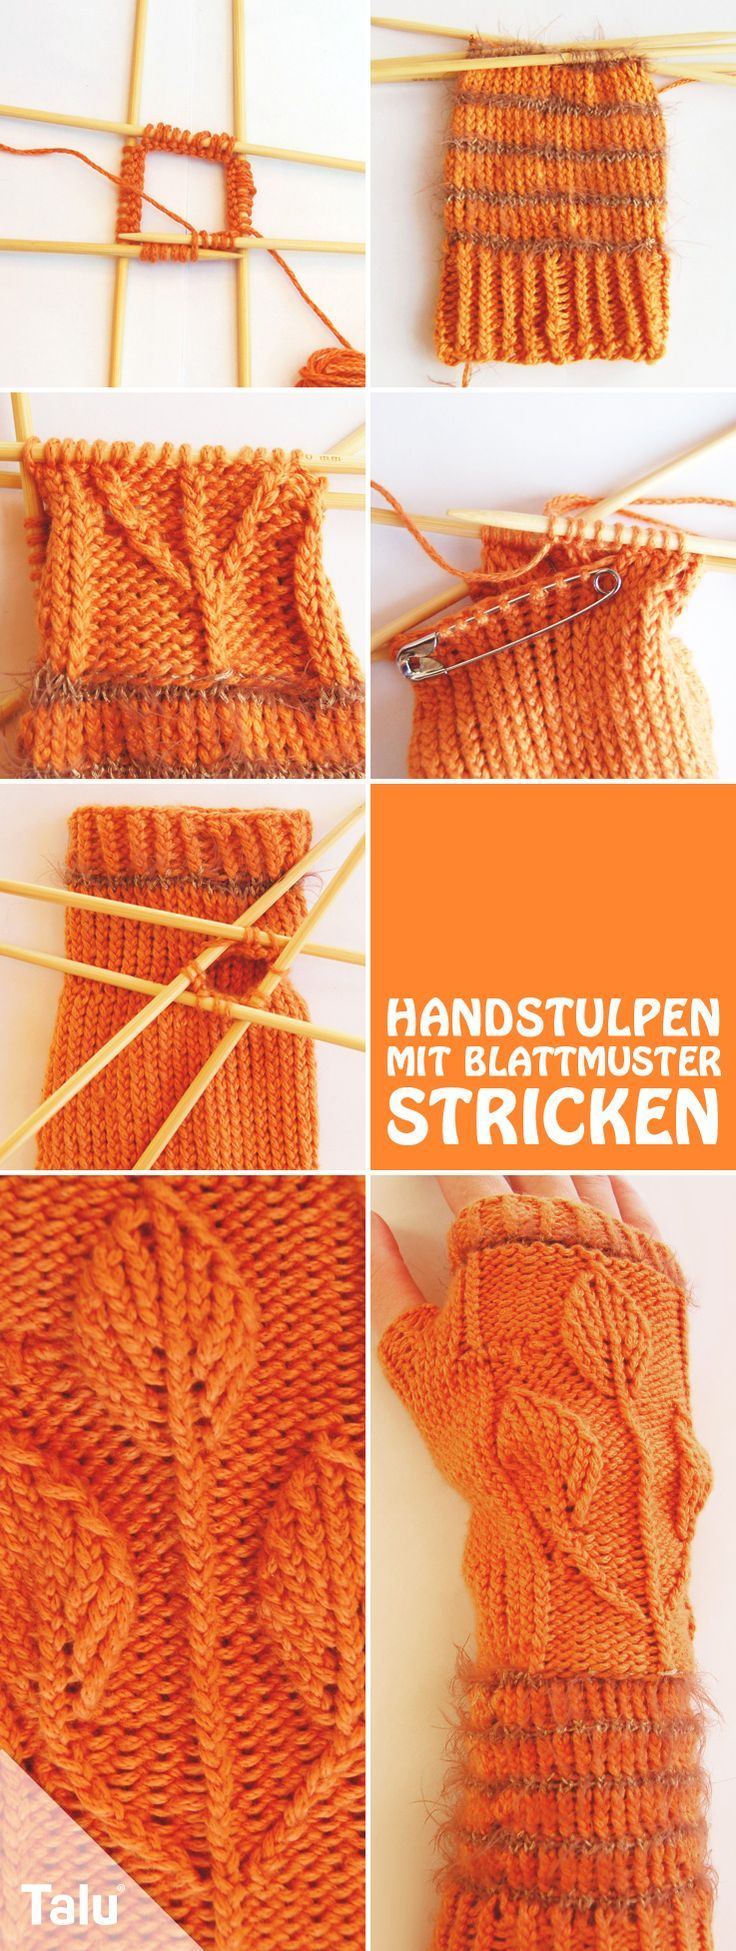 Kostenlose Anleitung - Handstulpen stricken mit Blattmuster - Talu ...